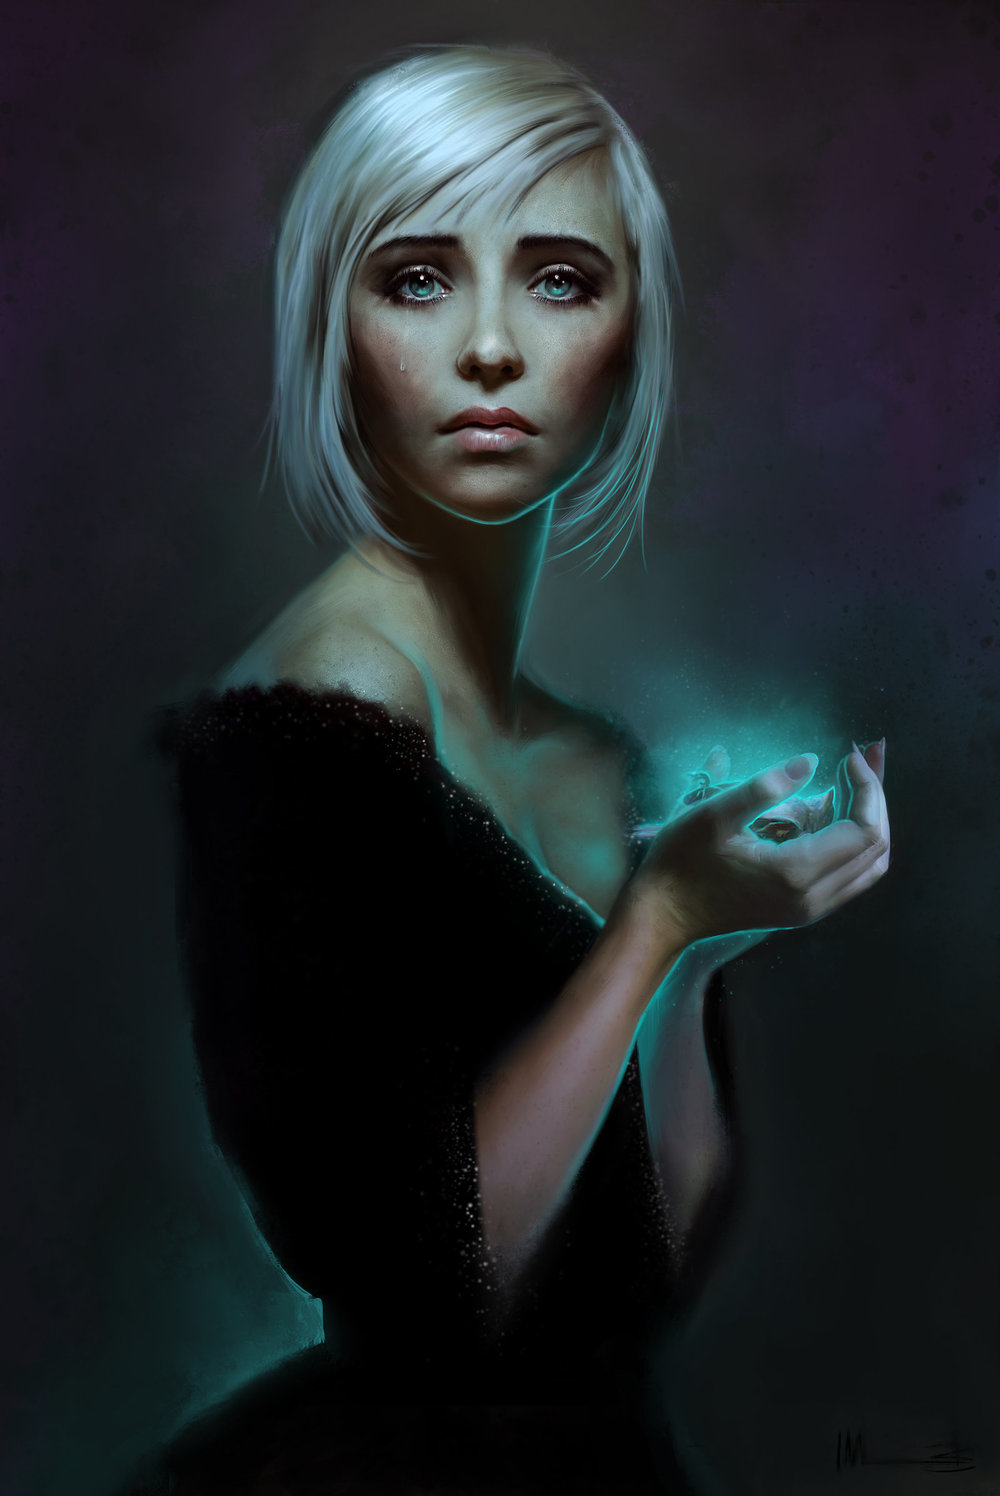 Charlie_Bowater_FableHatch_Digital_Artist_0056.jpg